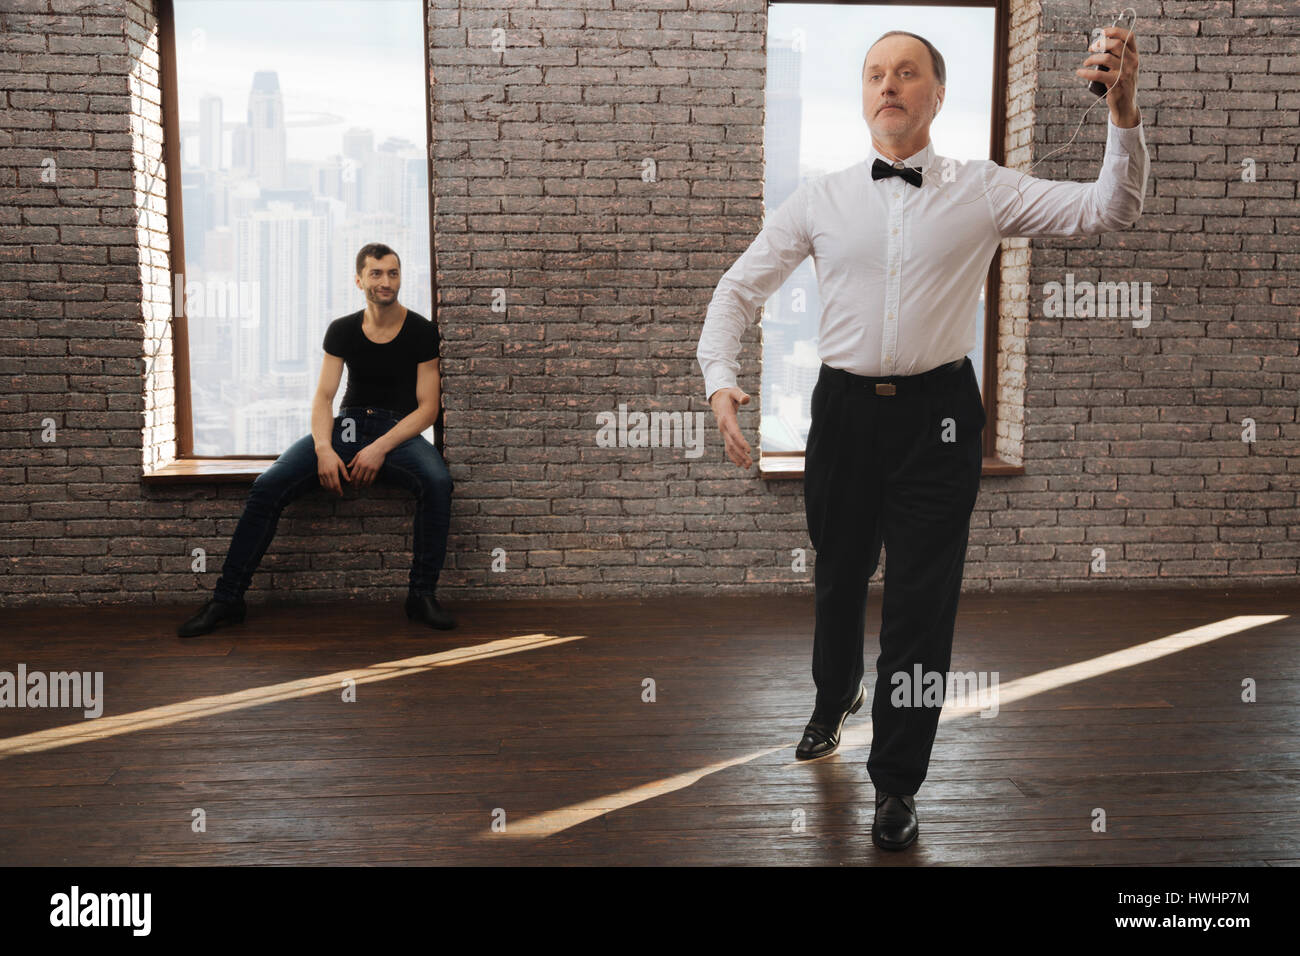 Observar y analizar los estudiantes éxitos . Observador atento profesional instructor de baile anciano vals Imagen De Stock